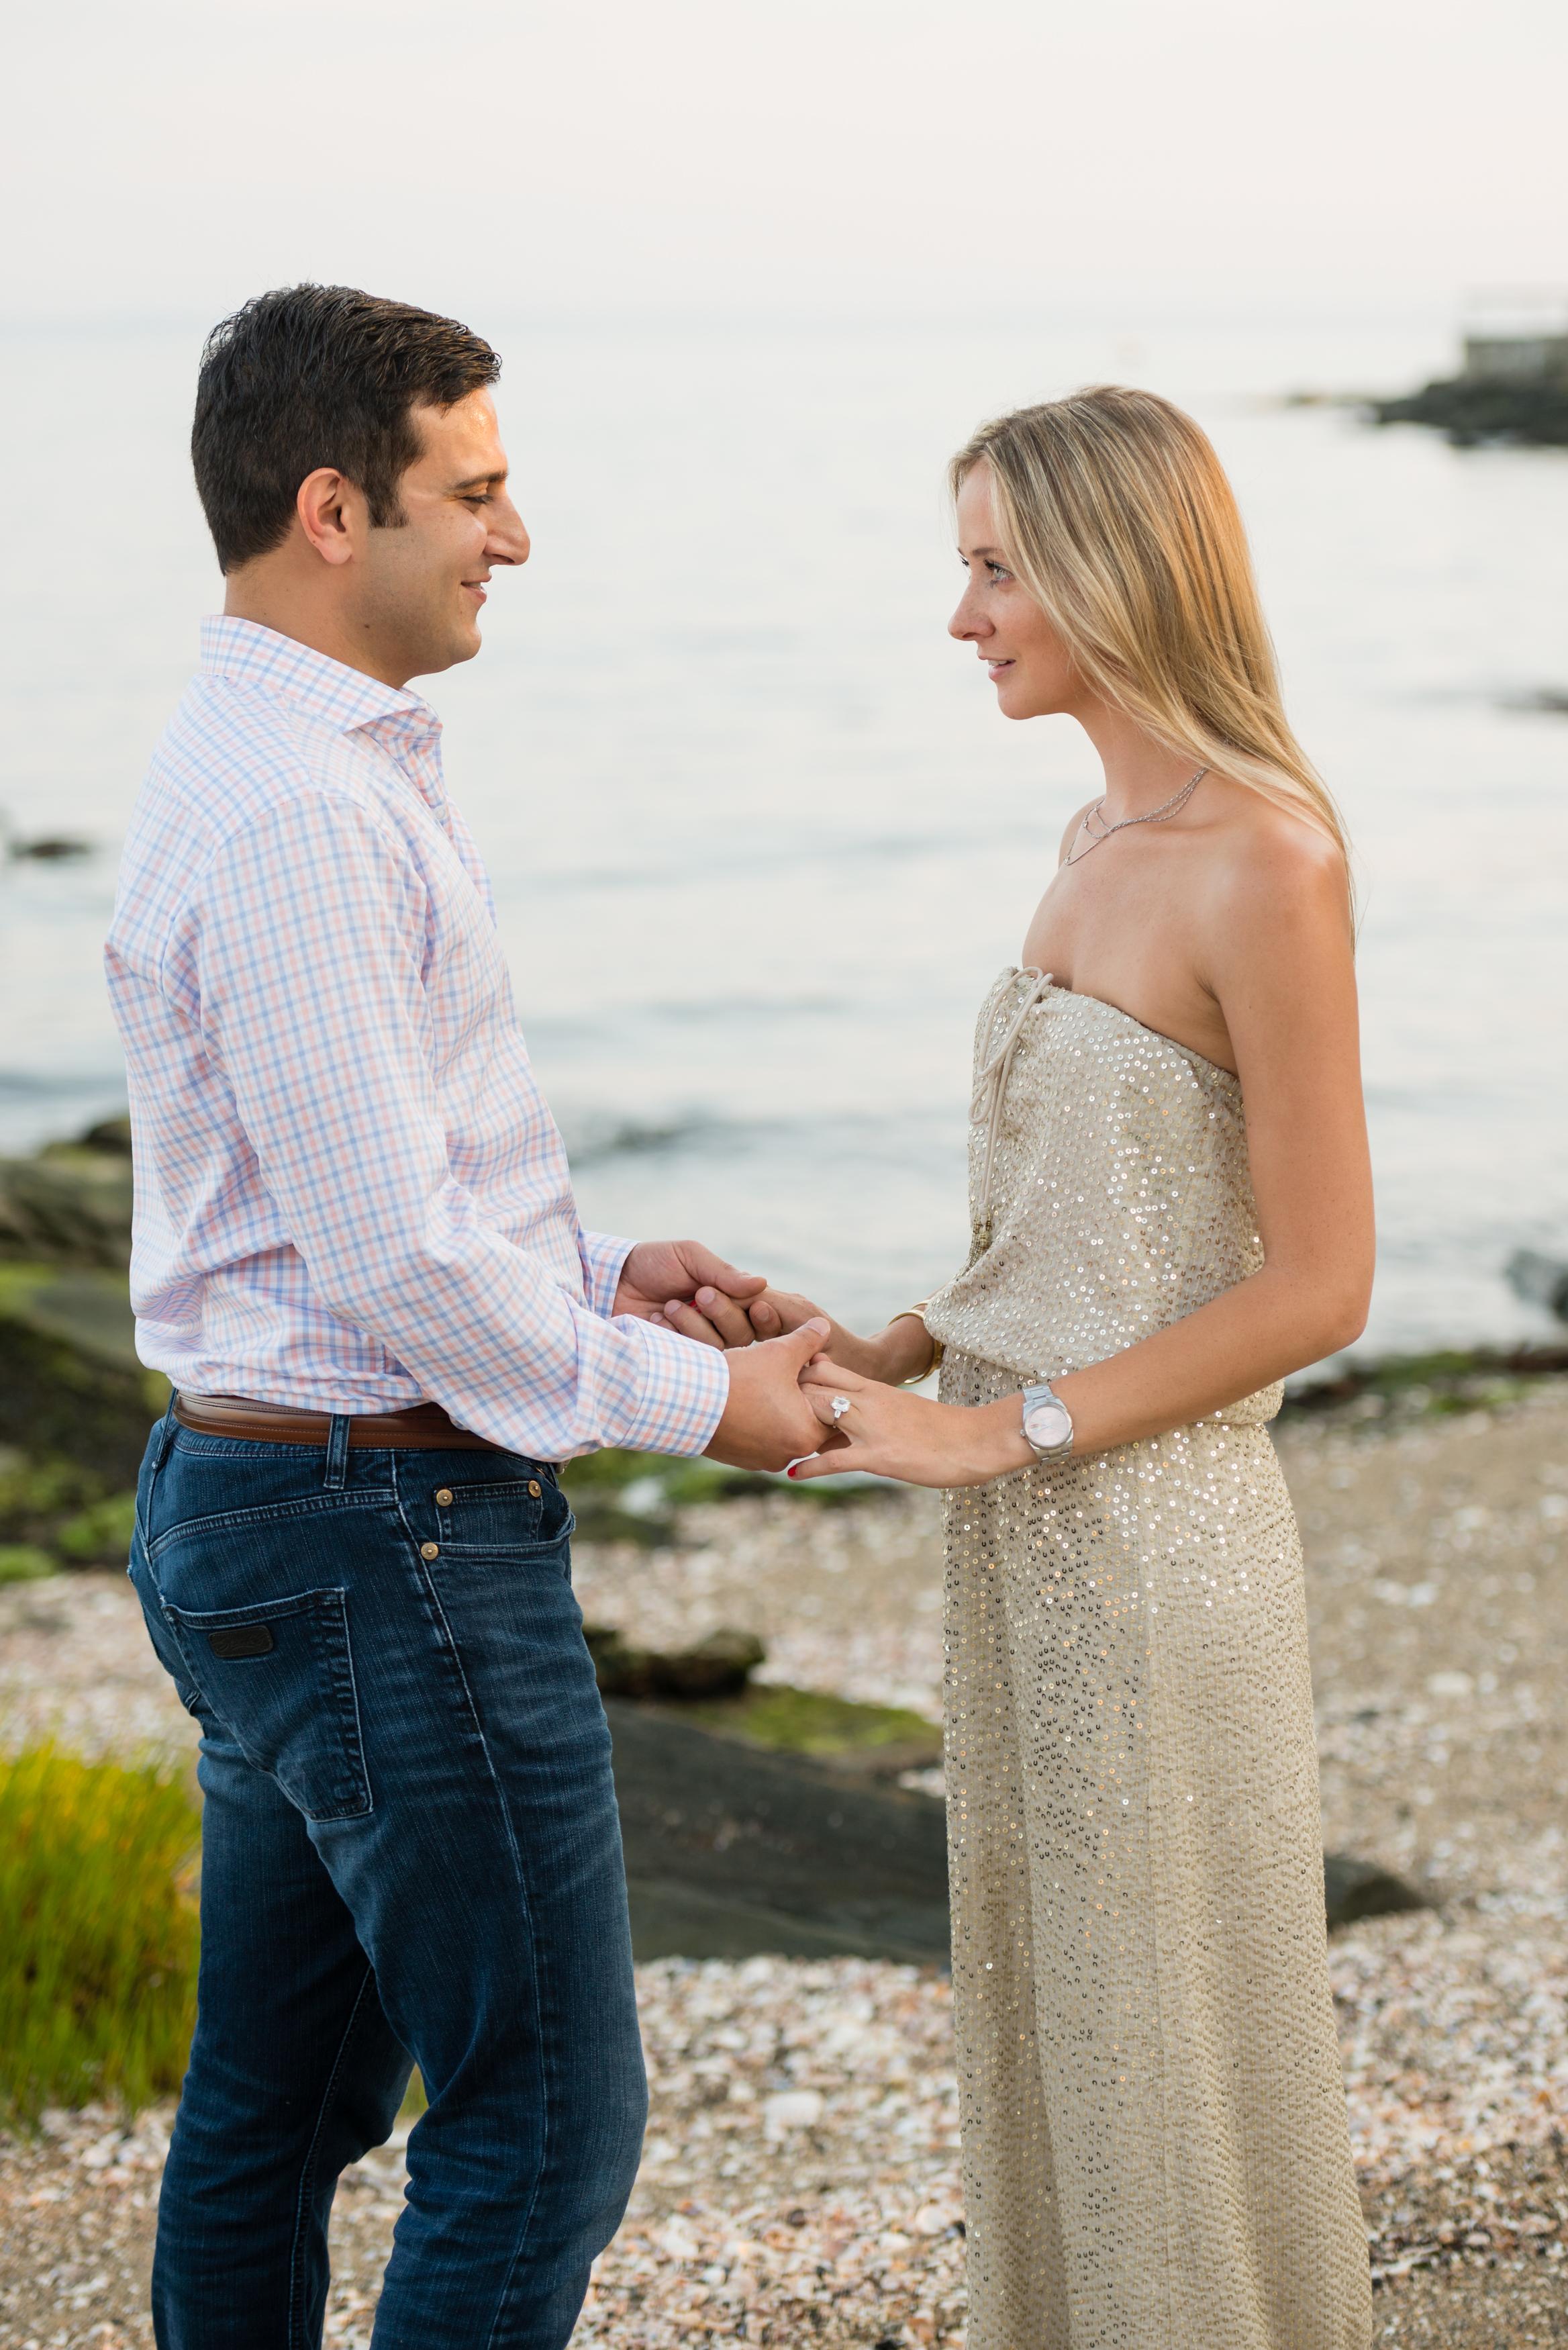 Proposal-Photos-091617-10.jpg